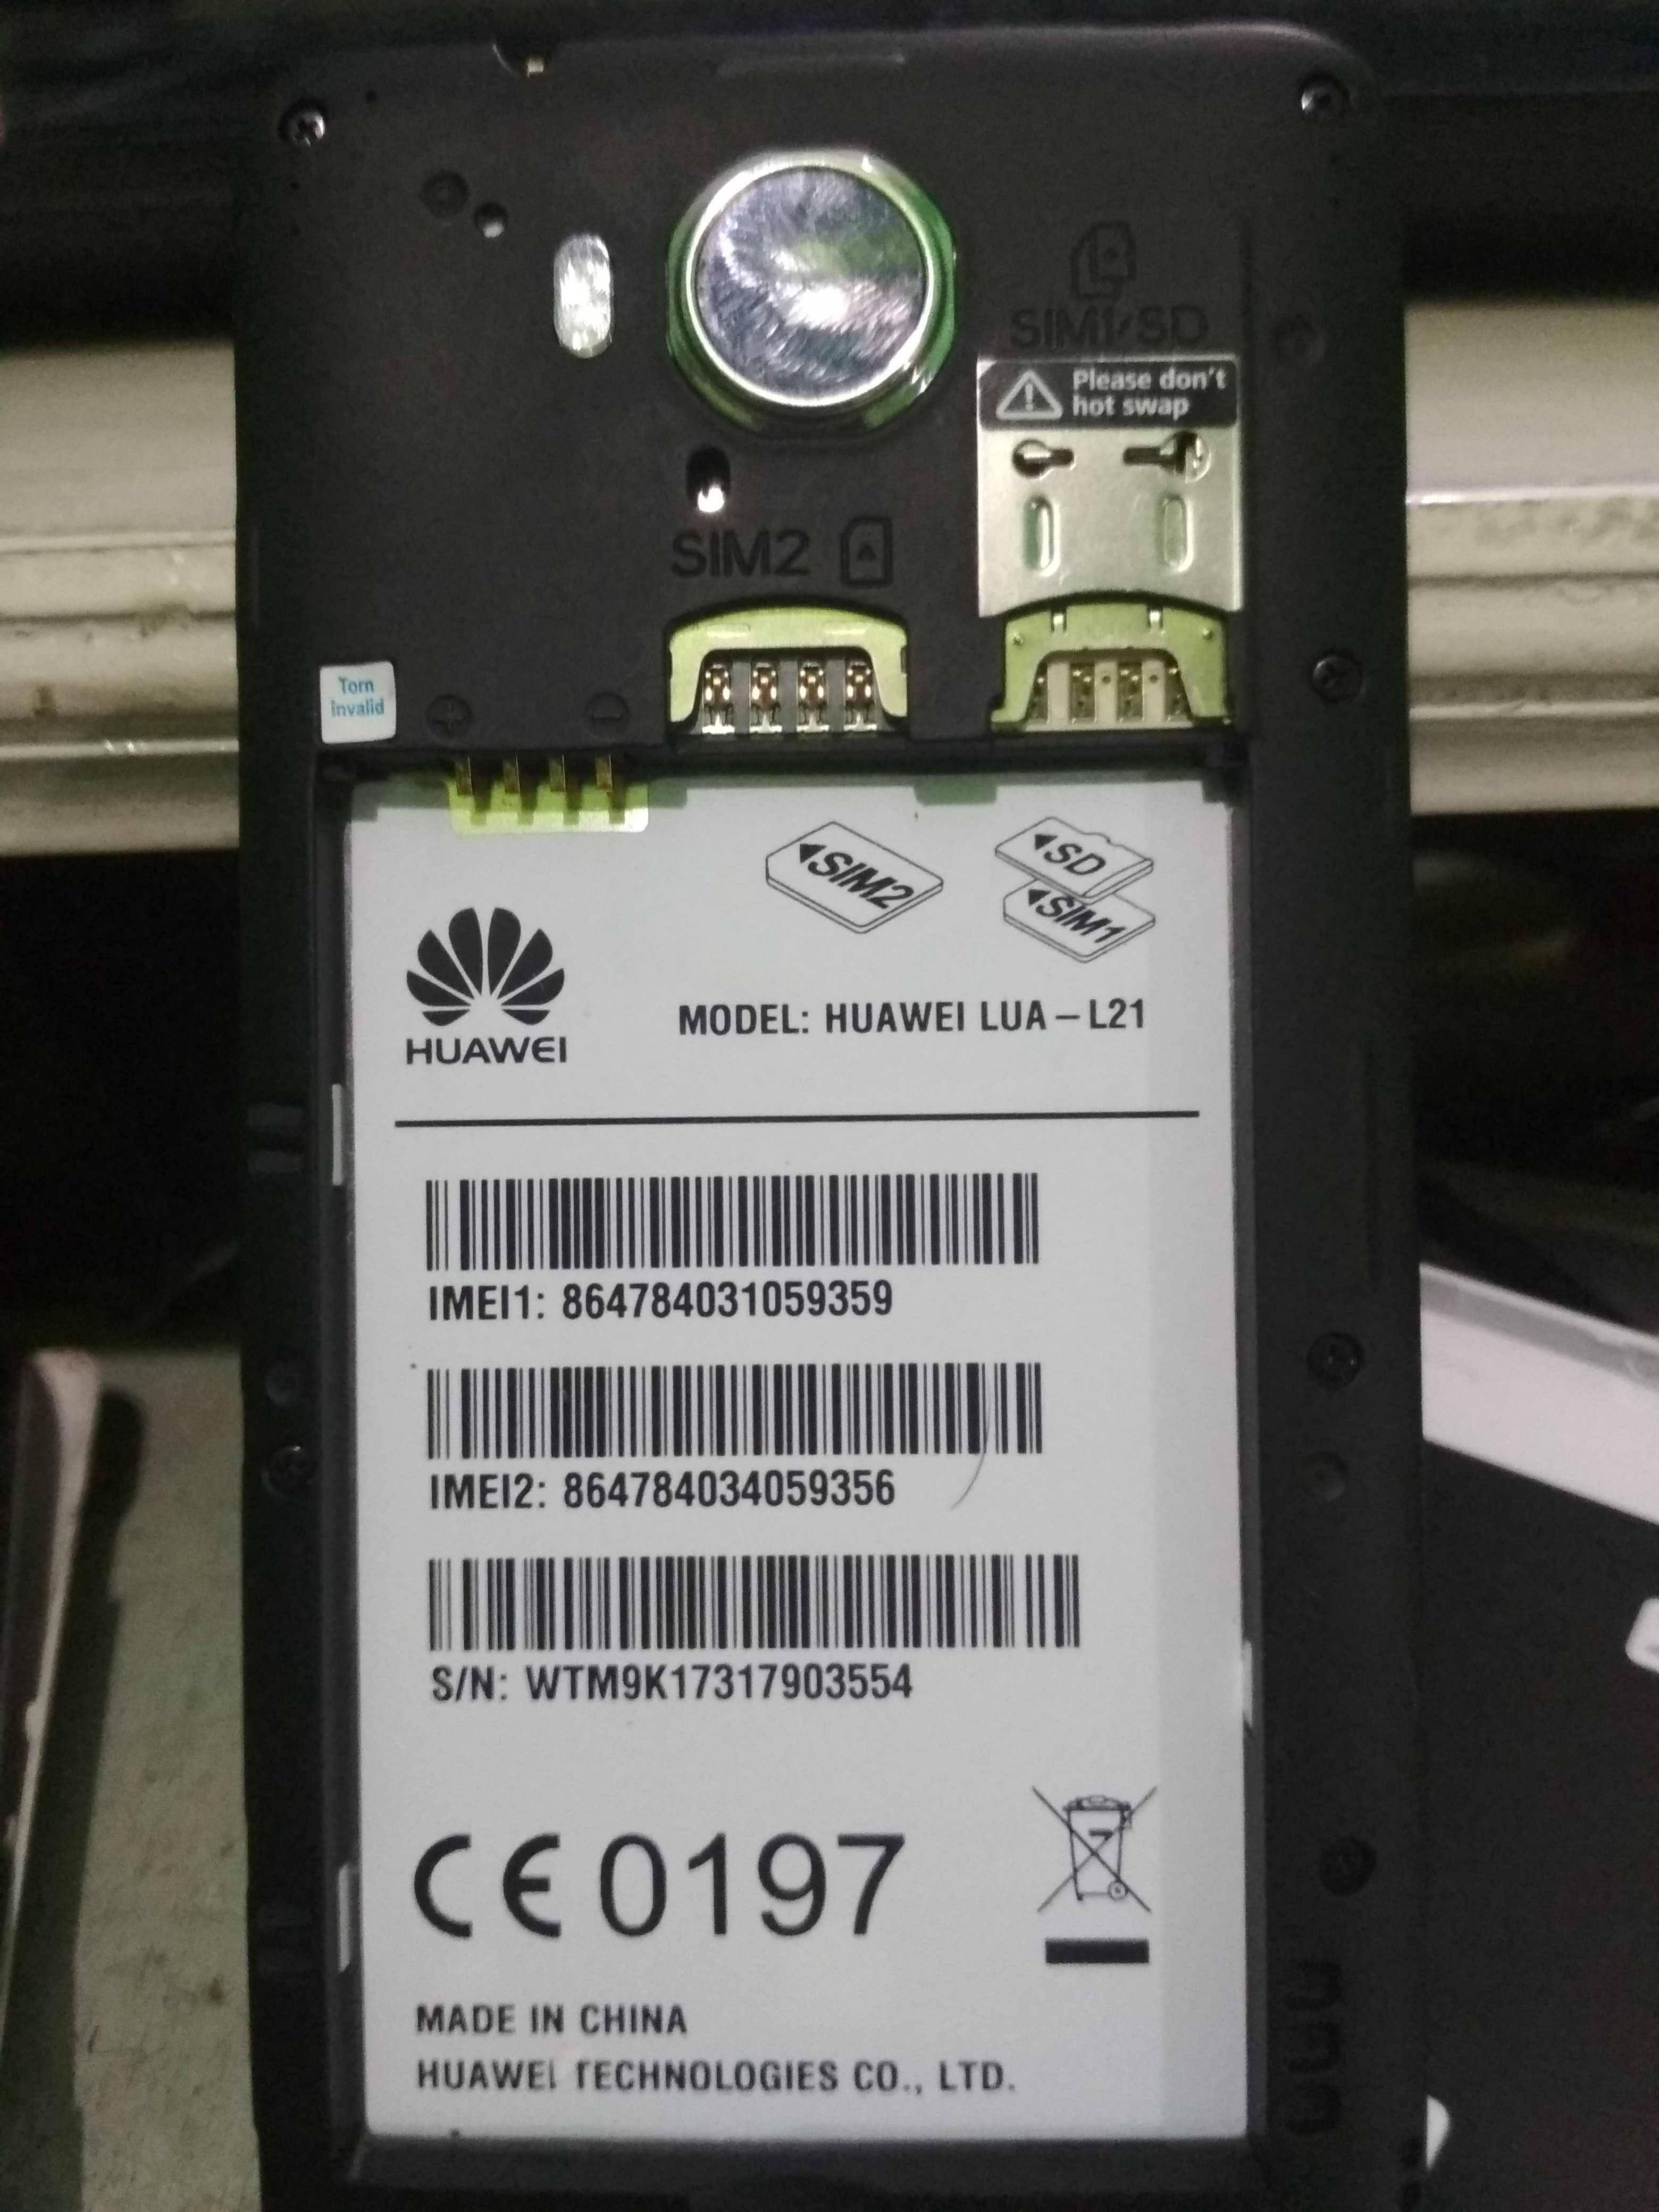 Huawei lua-L21 dead suddenly